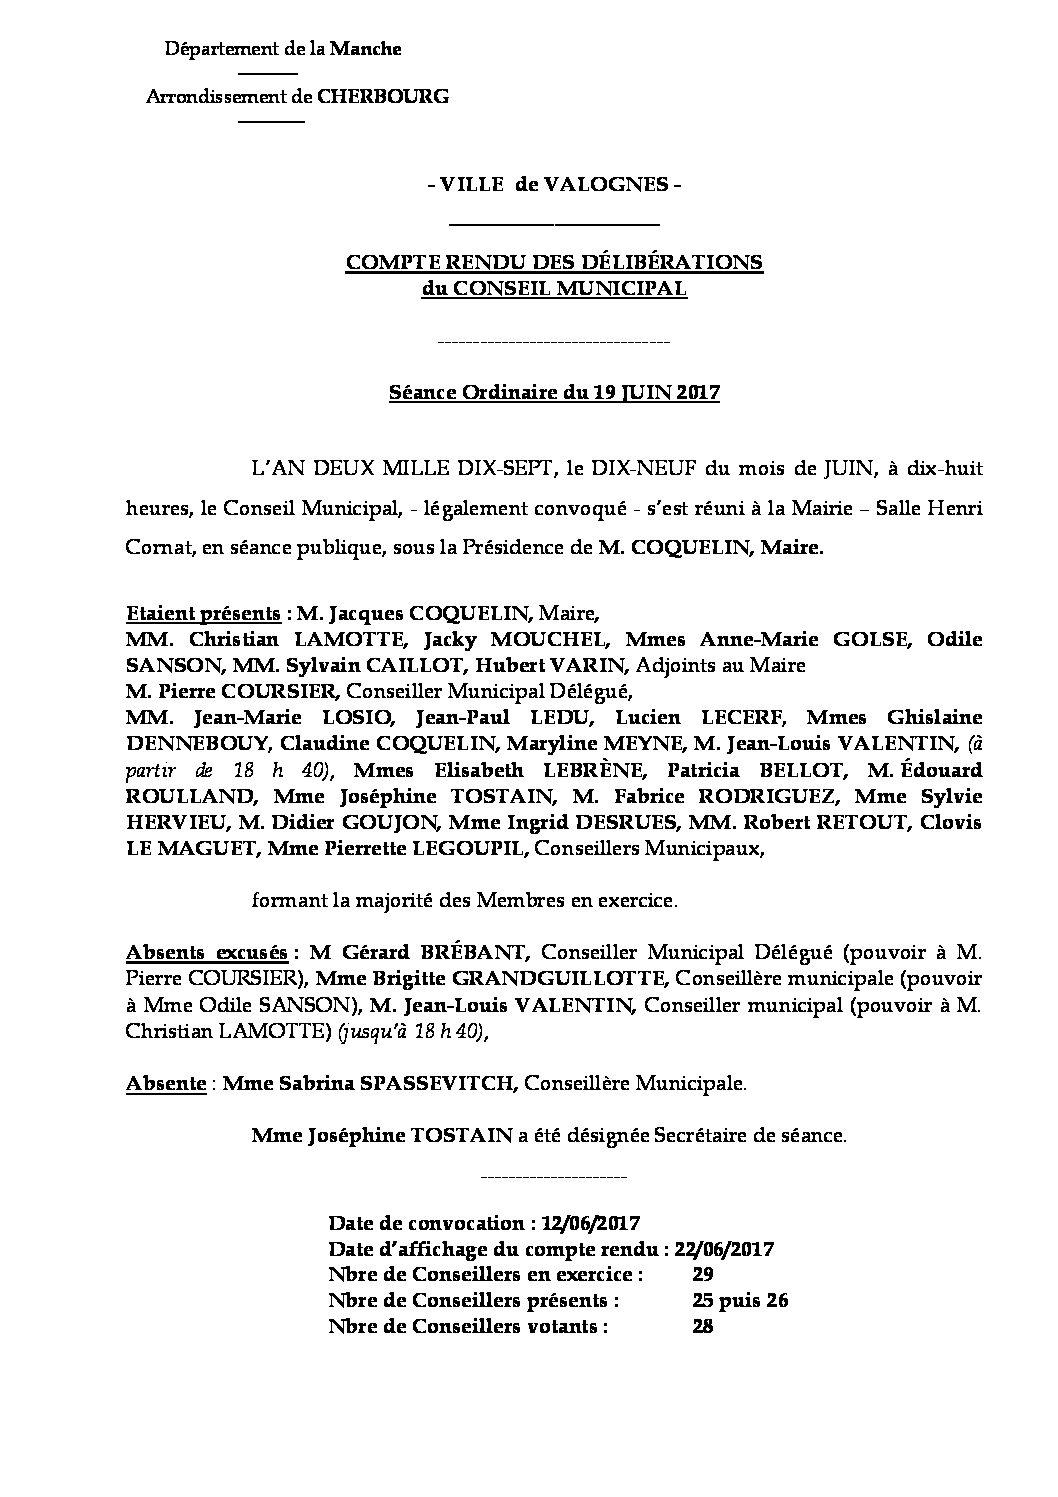 Extrait du registre des délibérations du 19-06-2017 - Compte-rendu synthétique des questions soumises à délibération lors de la séance du Conseil Municipal du 19 juin 2017.